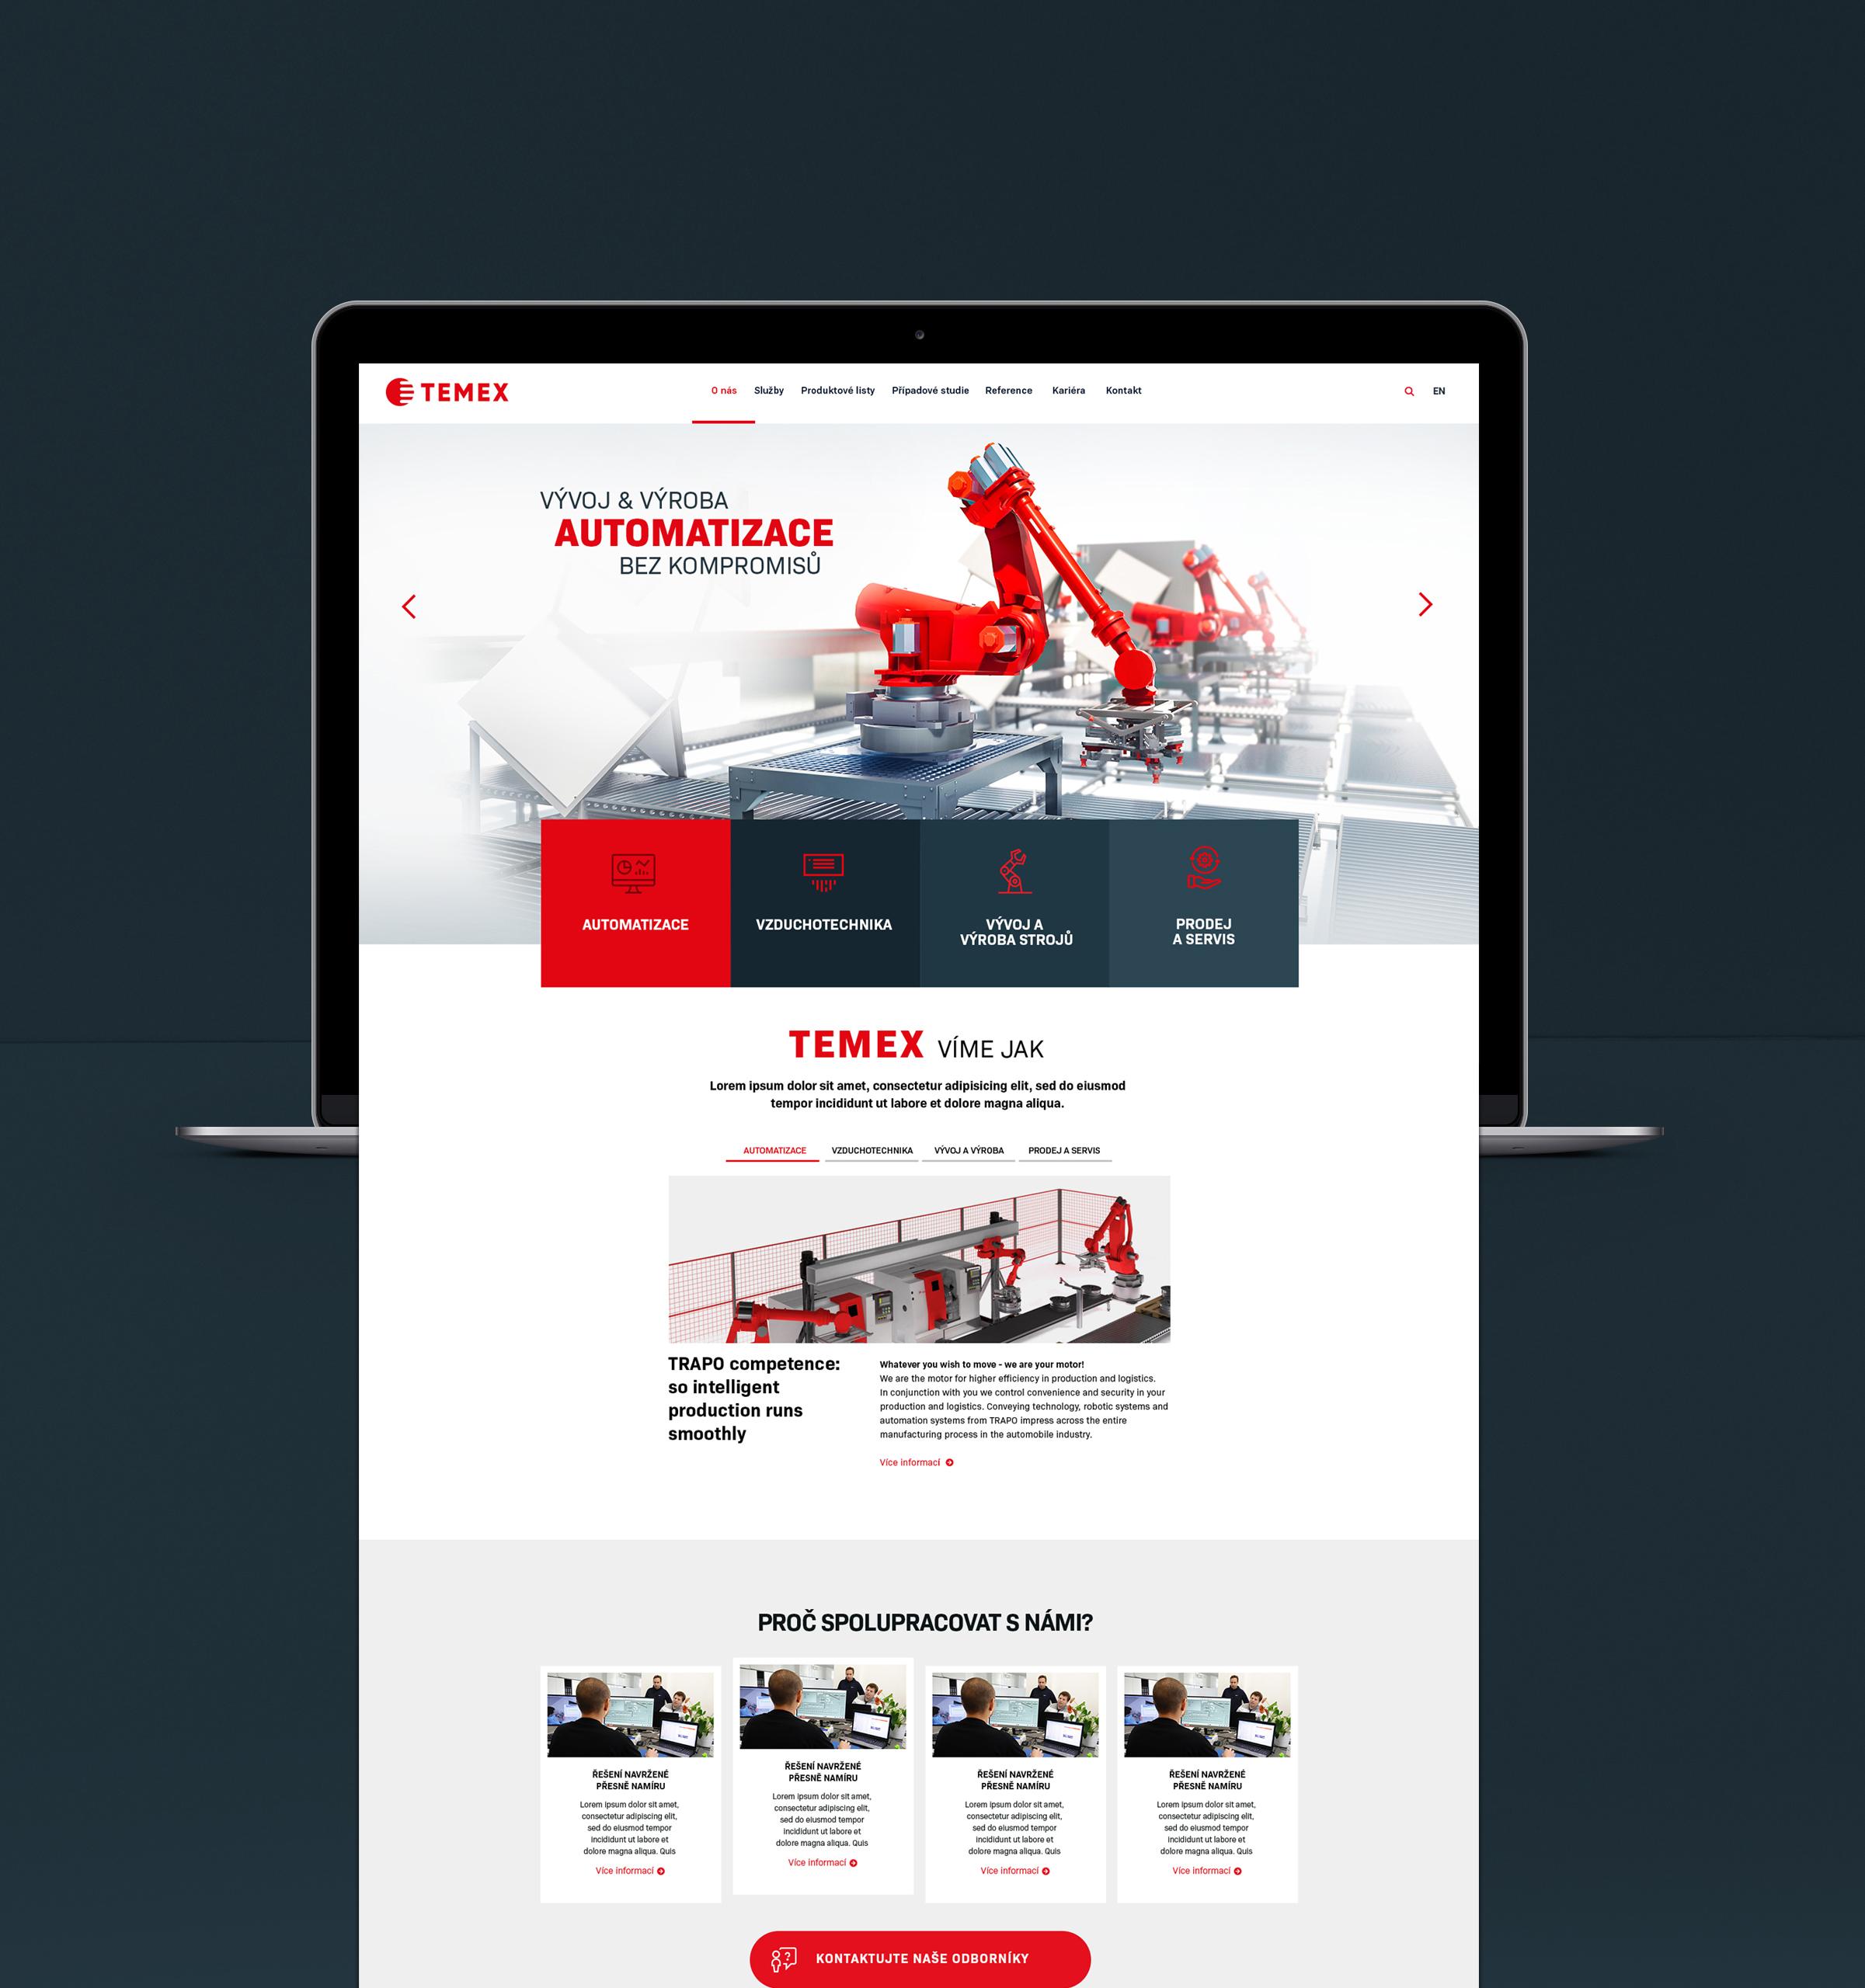 TEMEX-homepage-01-1